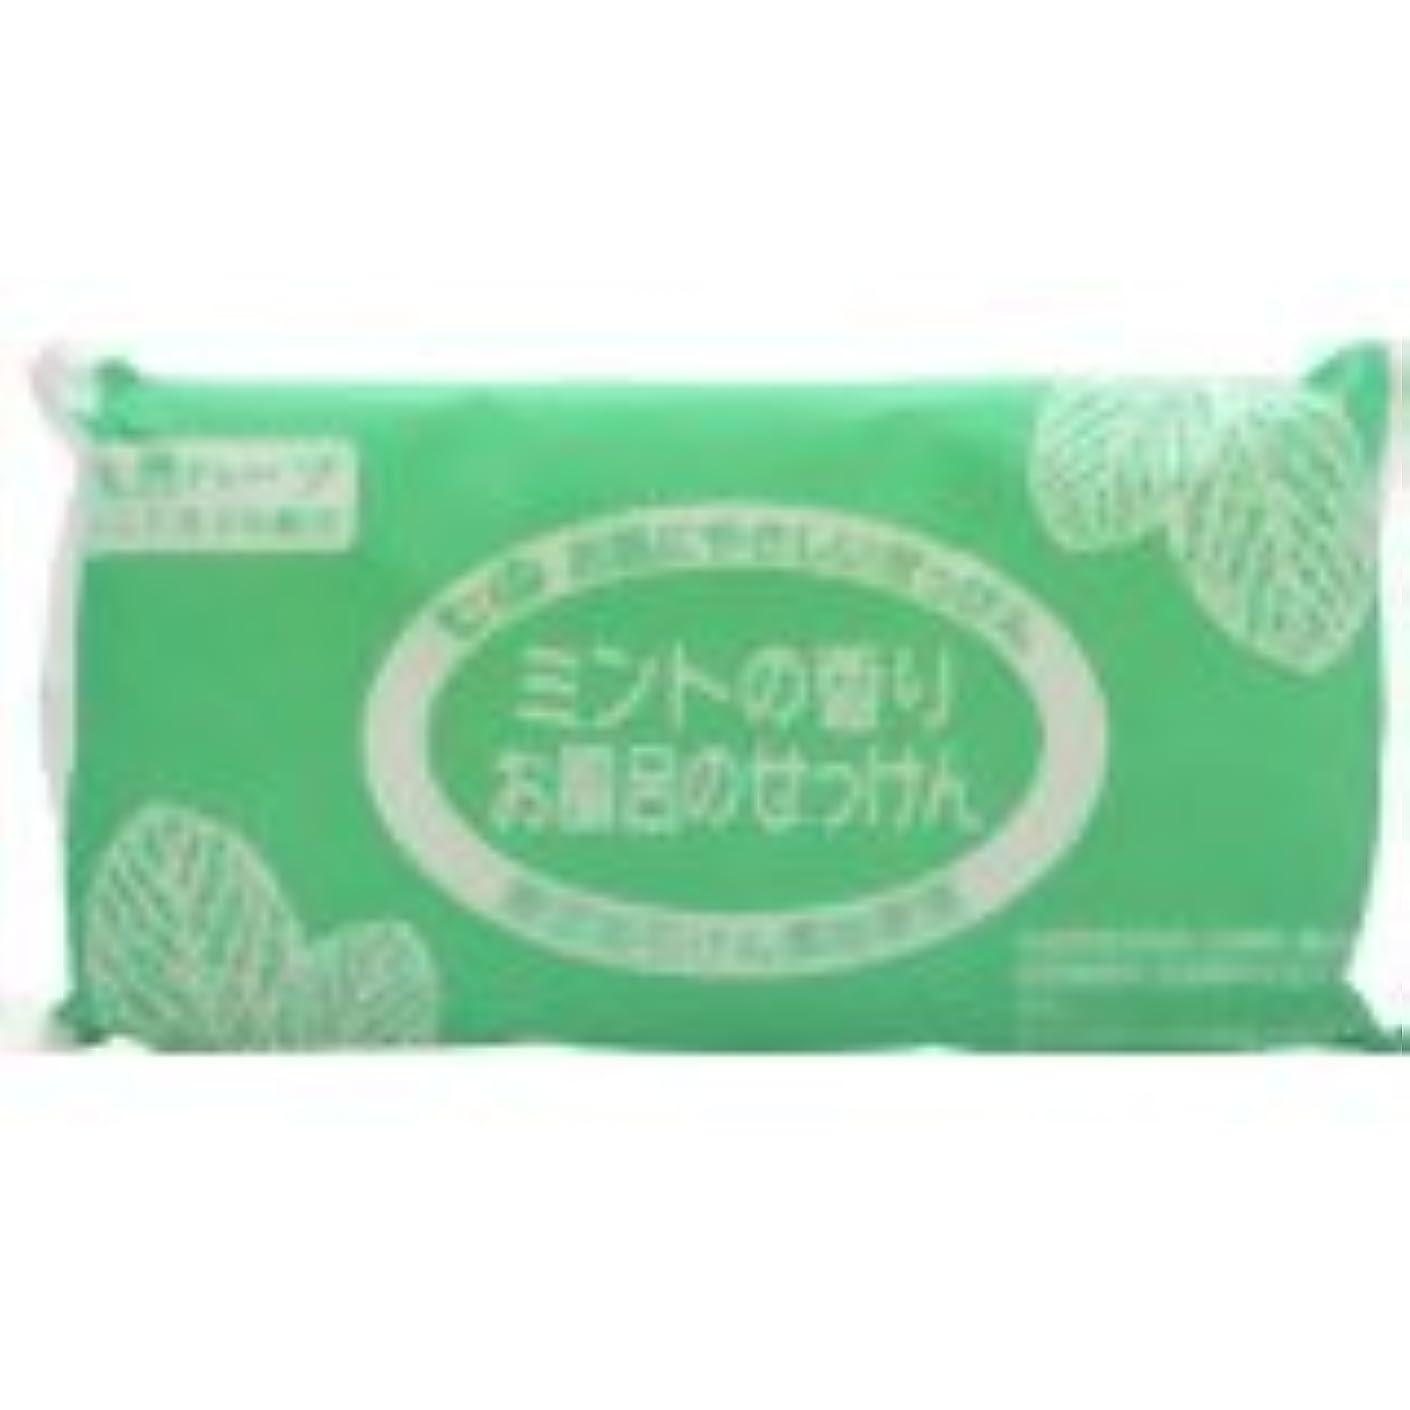 お風呂のせっけん ミントの香り100g×3コ入